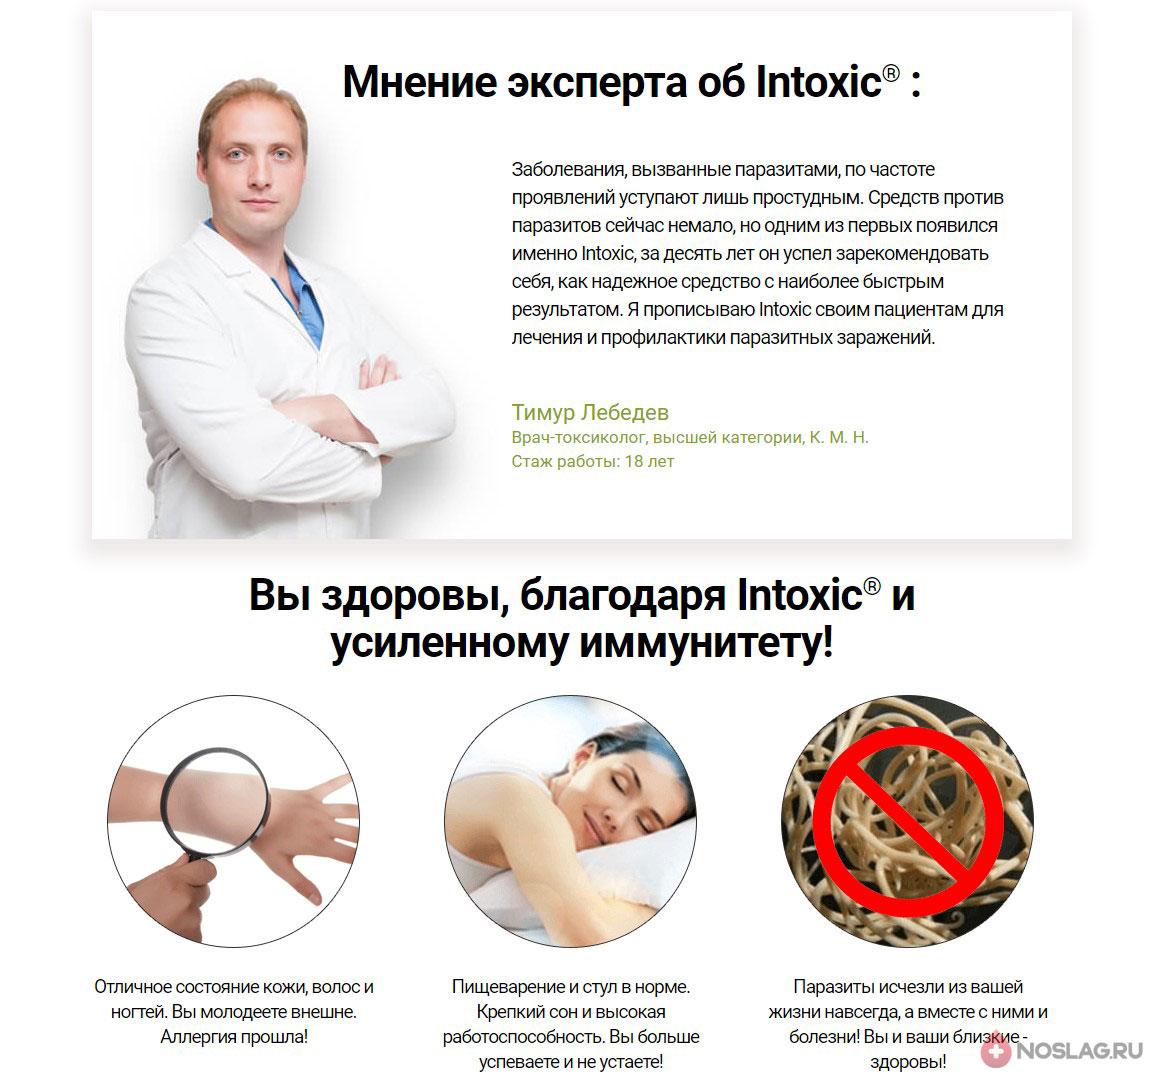 Интоксик прогонит паразитов навсегда!